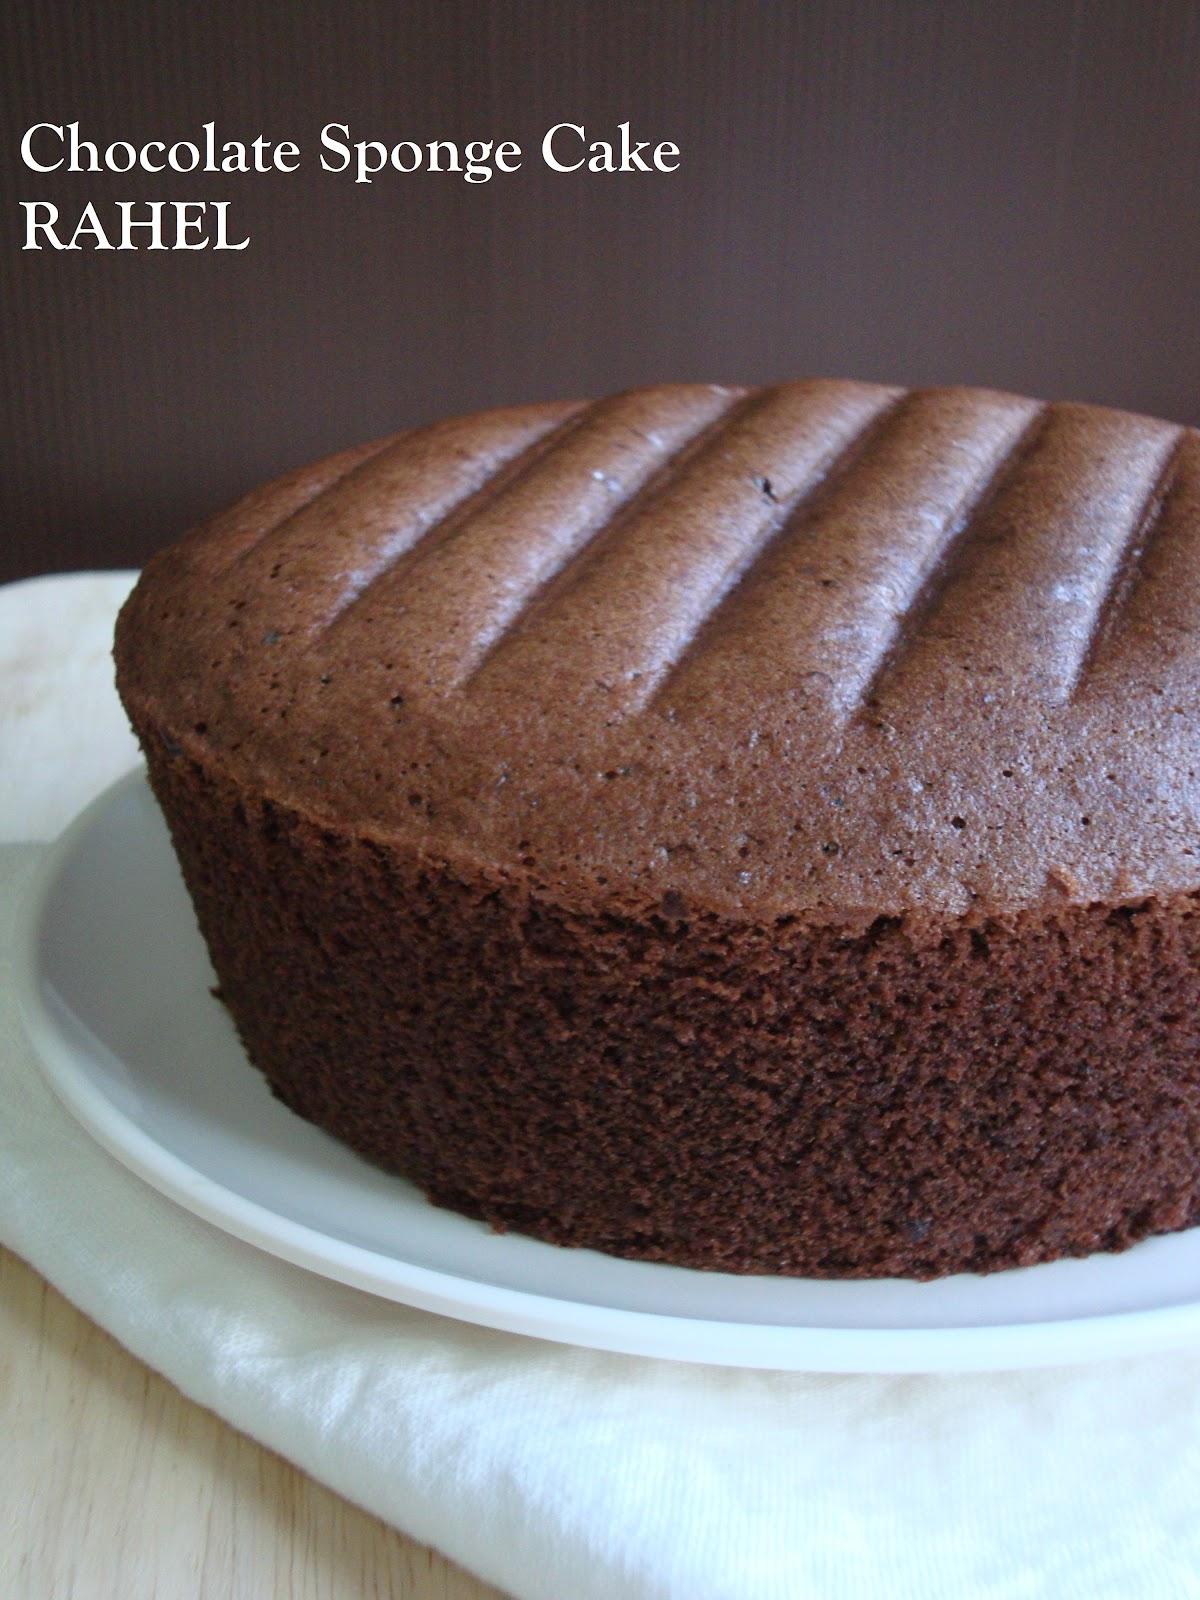 I Love Cake: Chocolate Sponge Cake